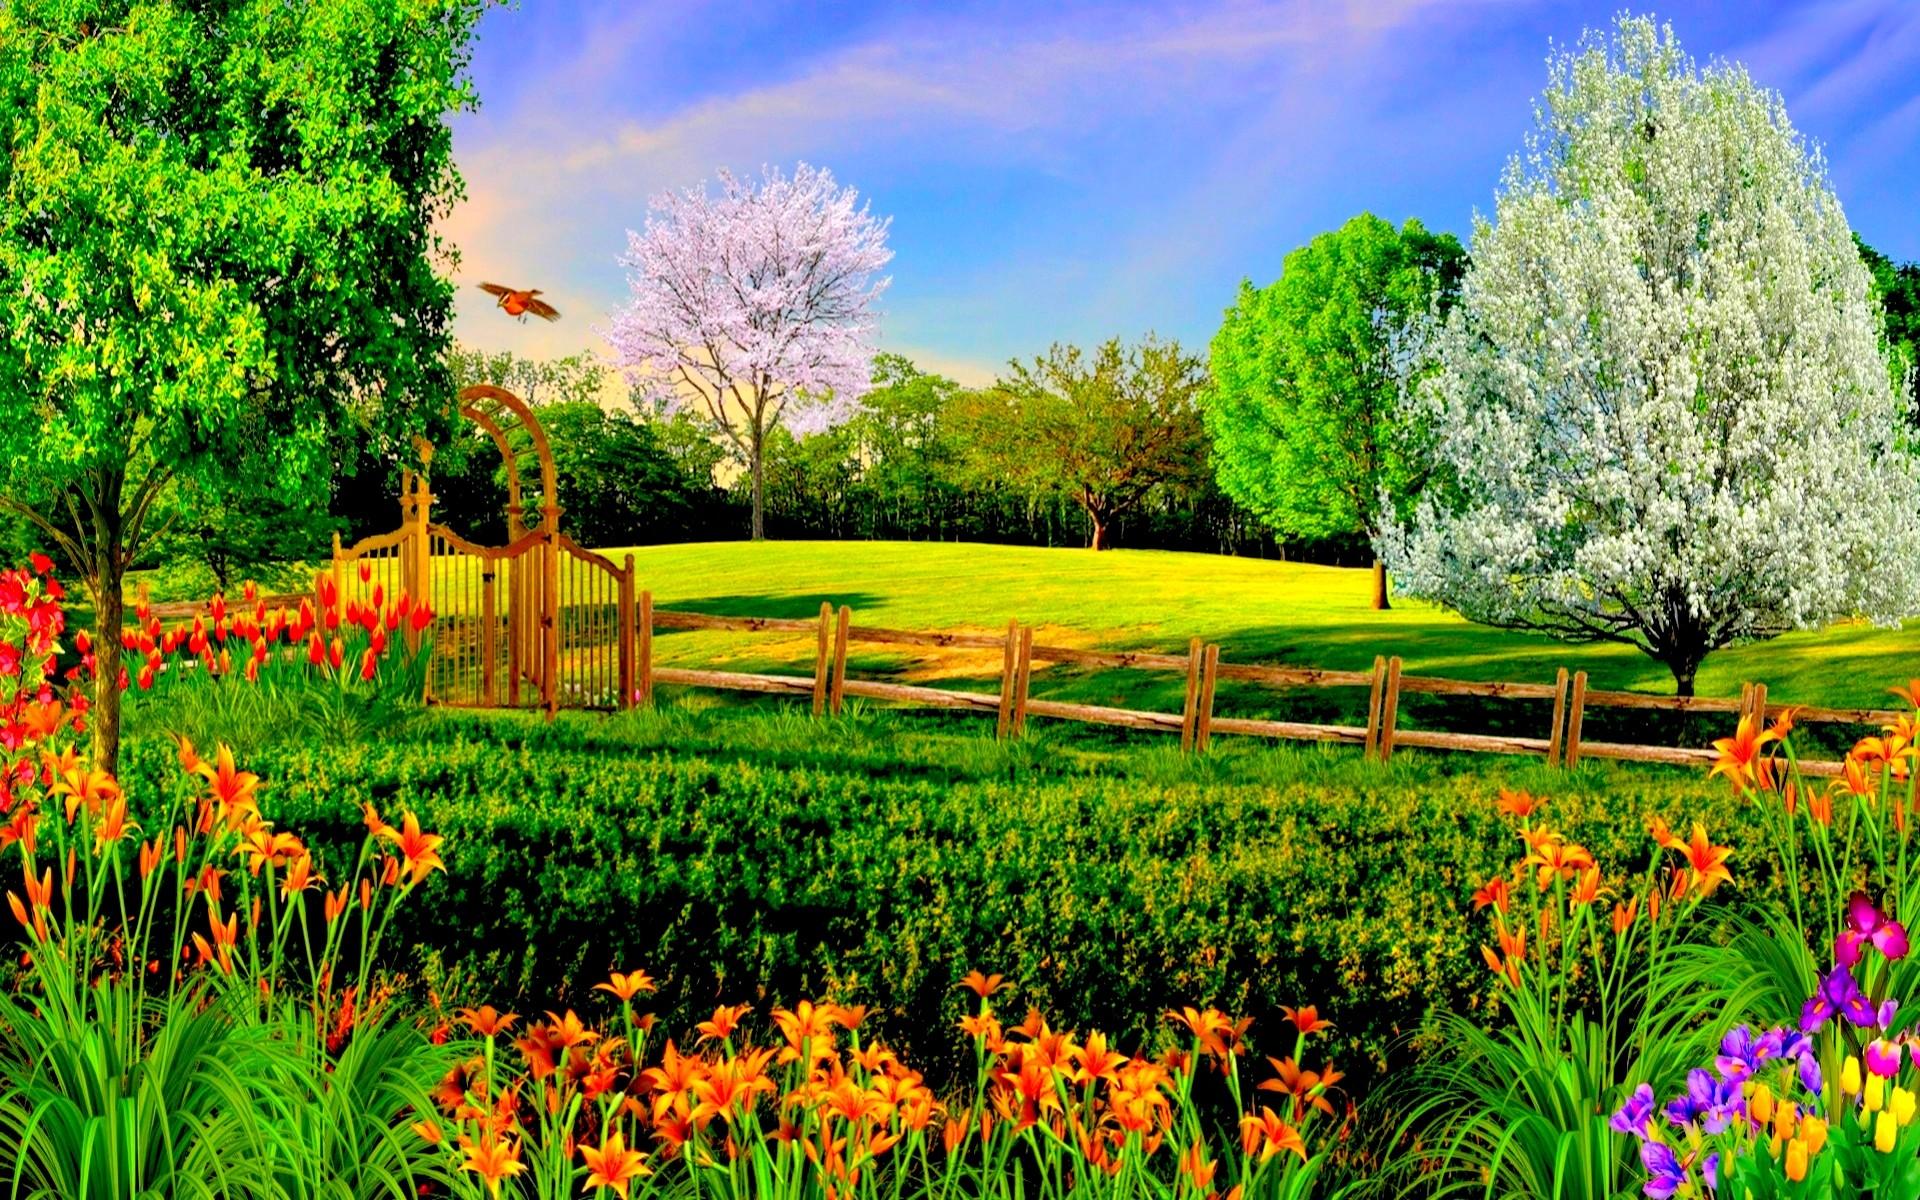 Summer Nature Backgrounds Hd Desktop 10 HD Wallpapers | Hdwalli.com